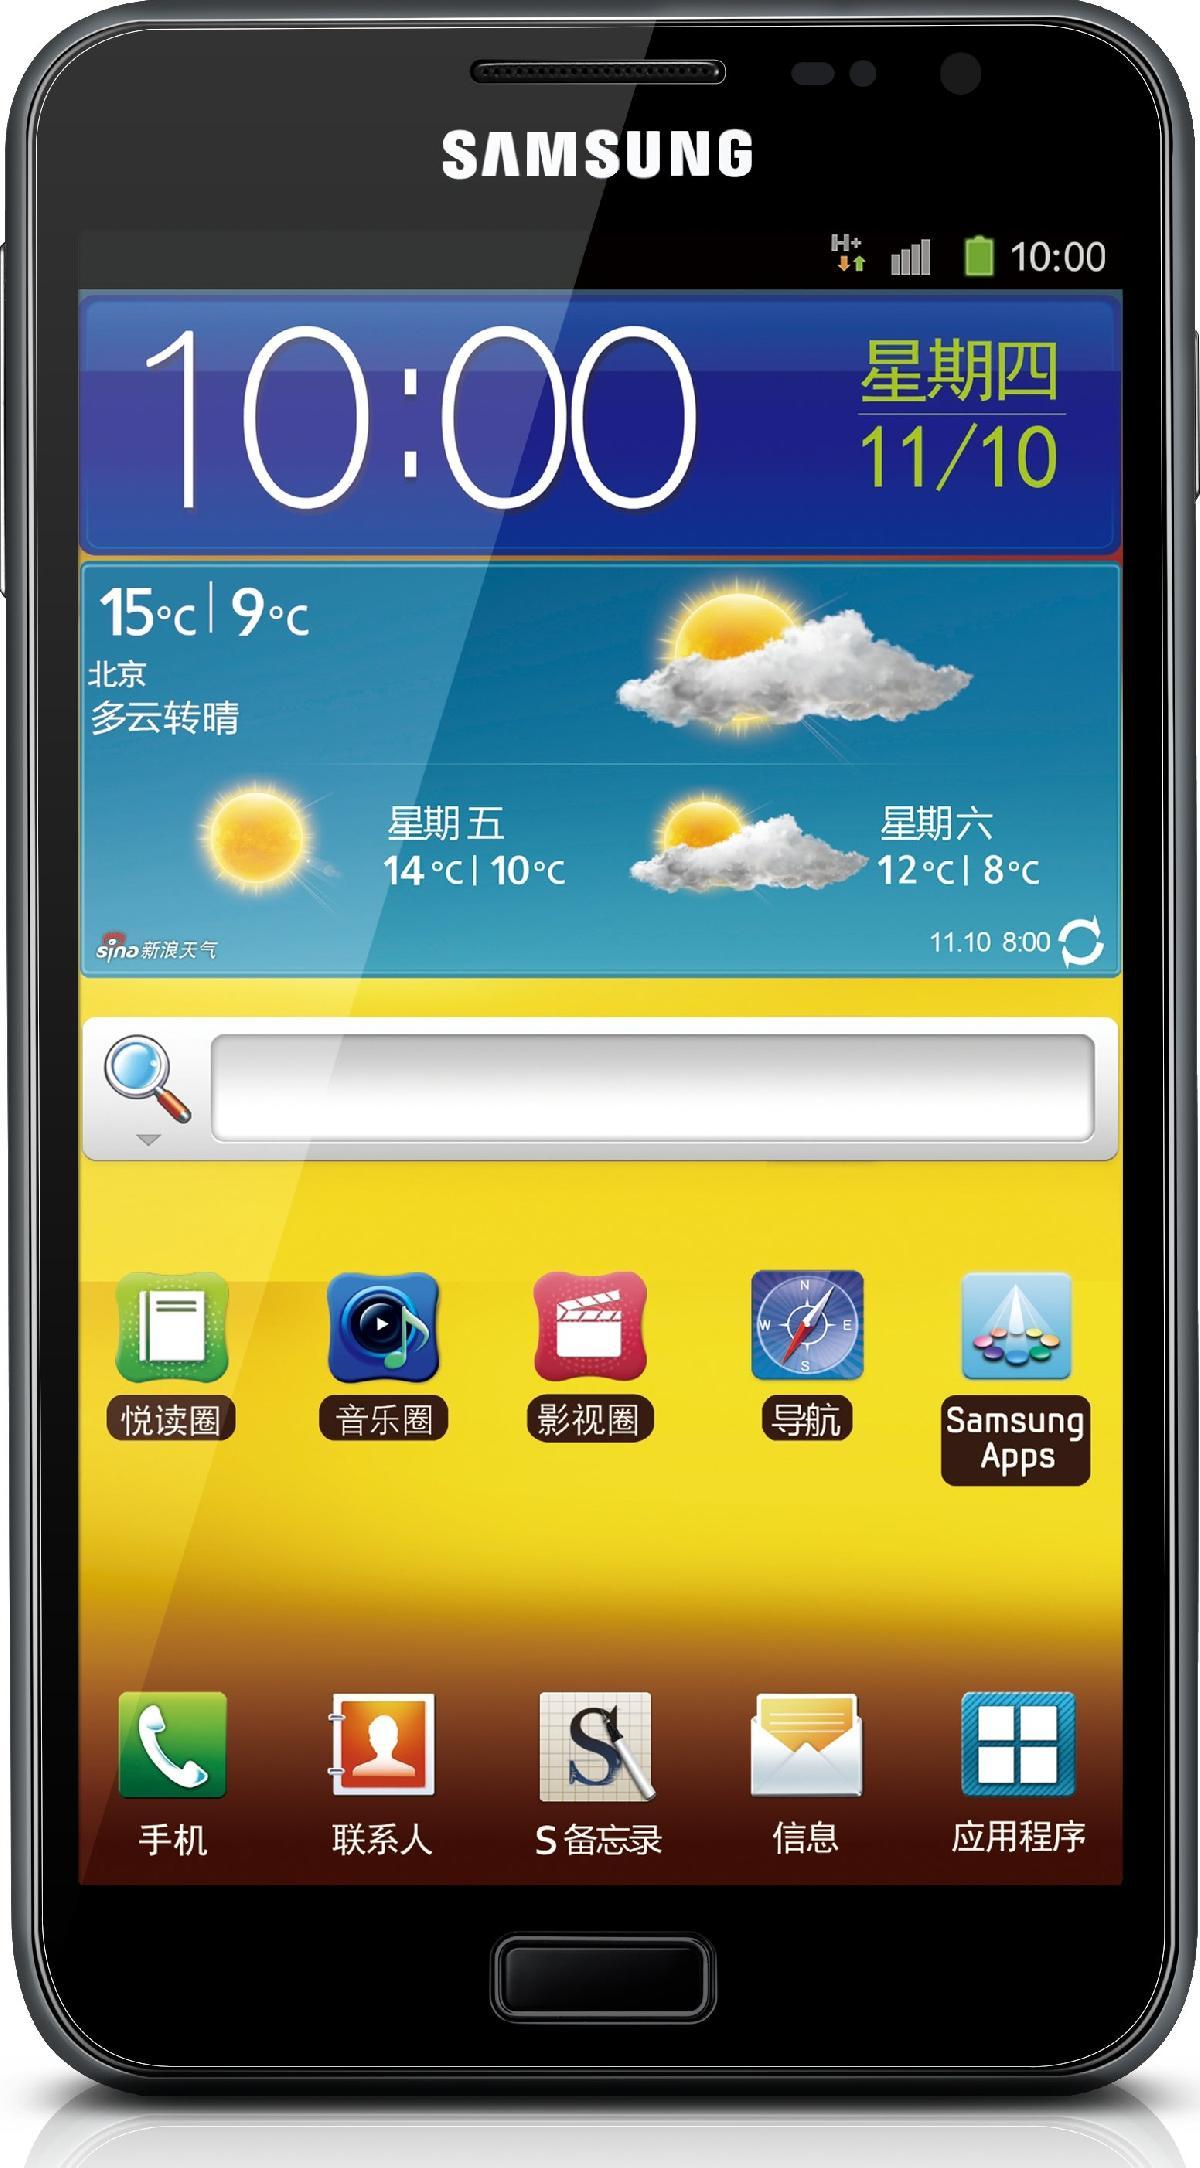 Galaxy Note GT-I9220